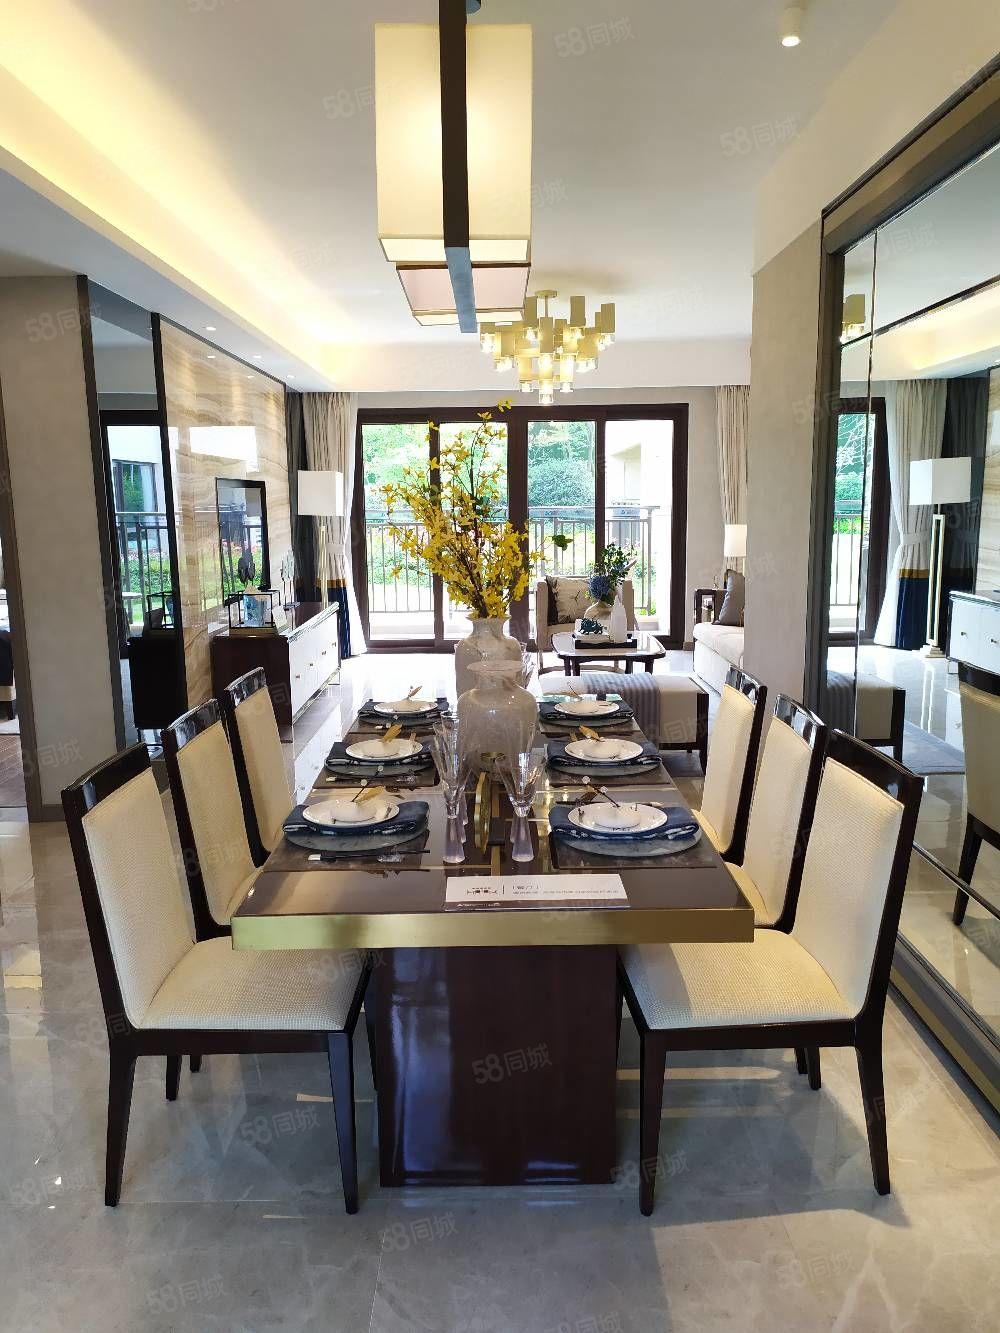 個人房源,雅居樂花園,原合同價,品質精裝洋房!